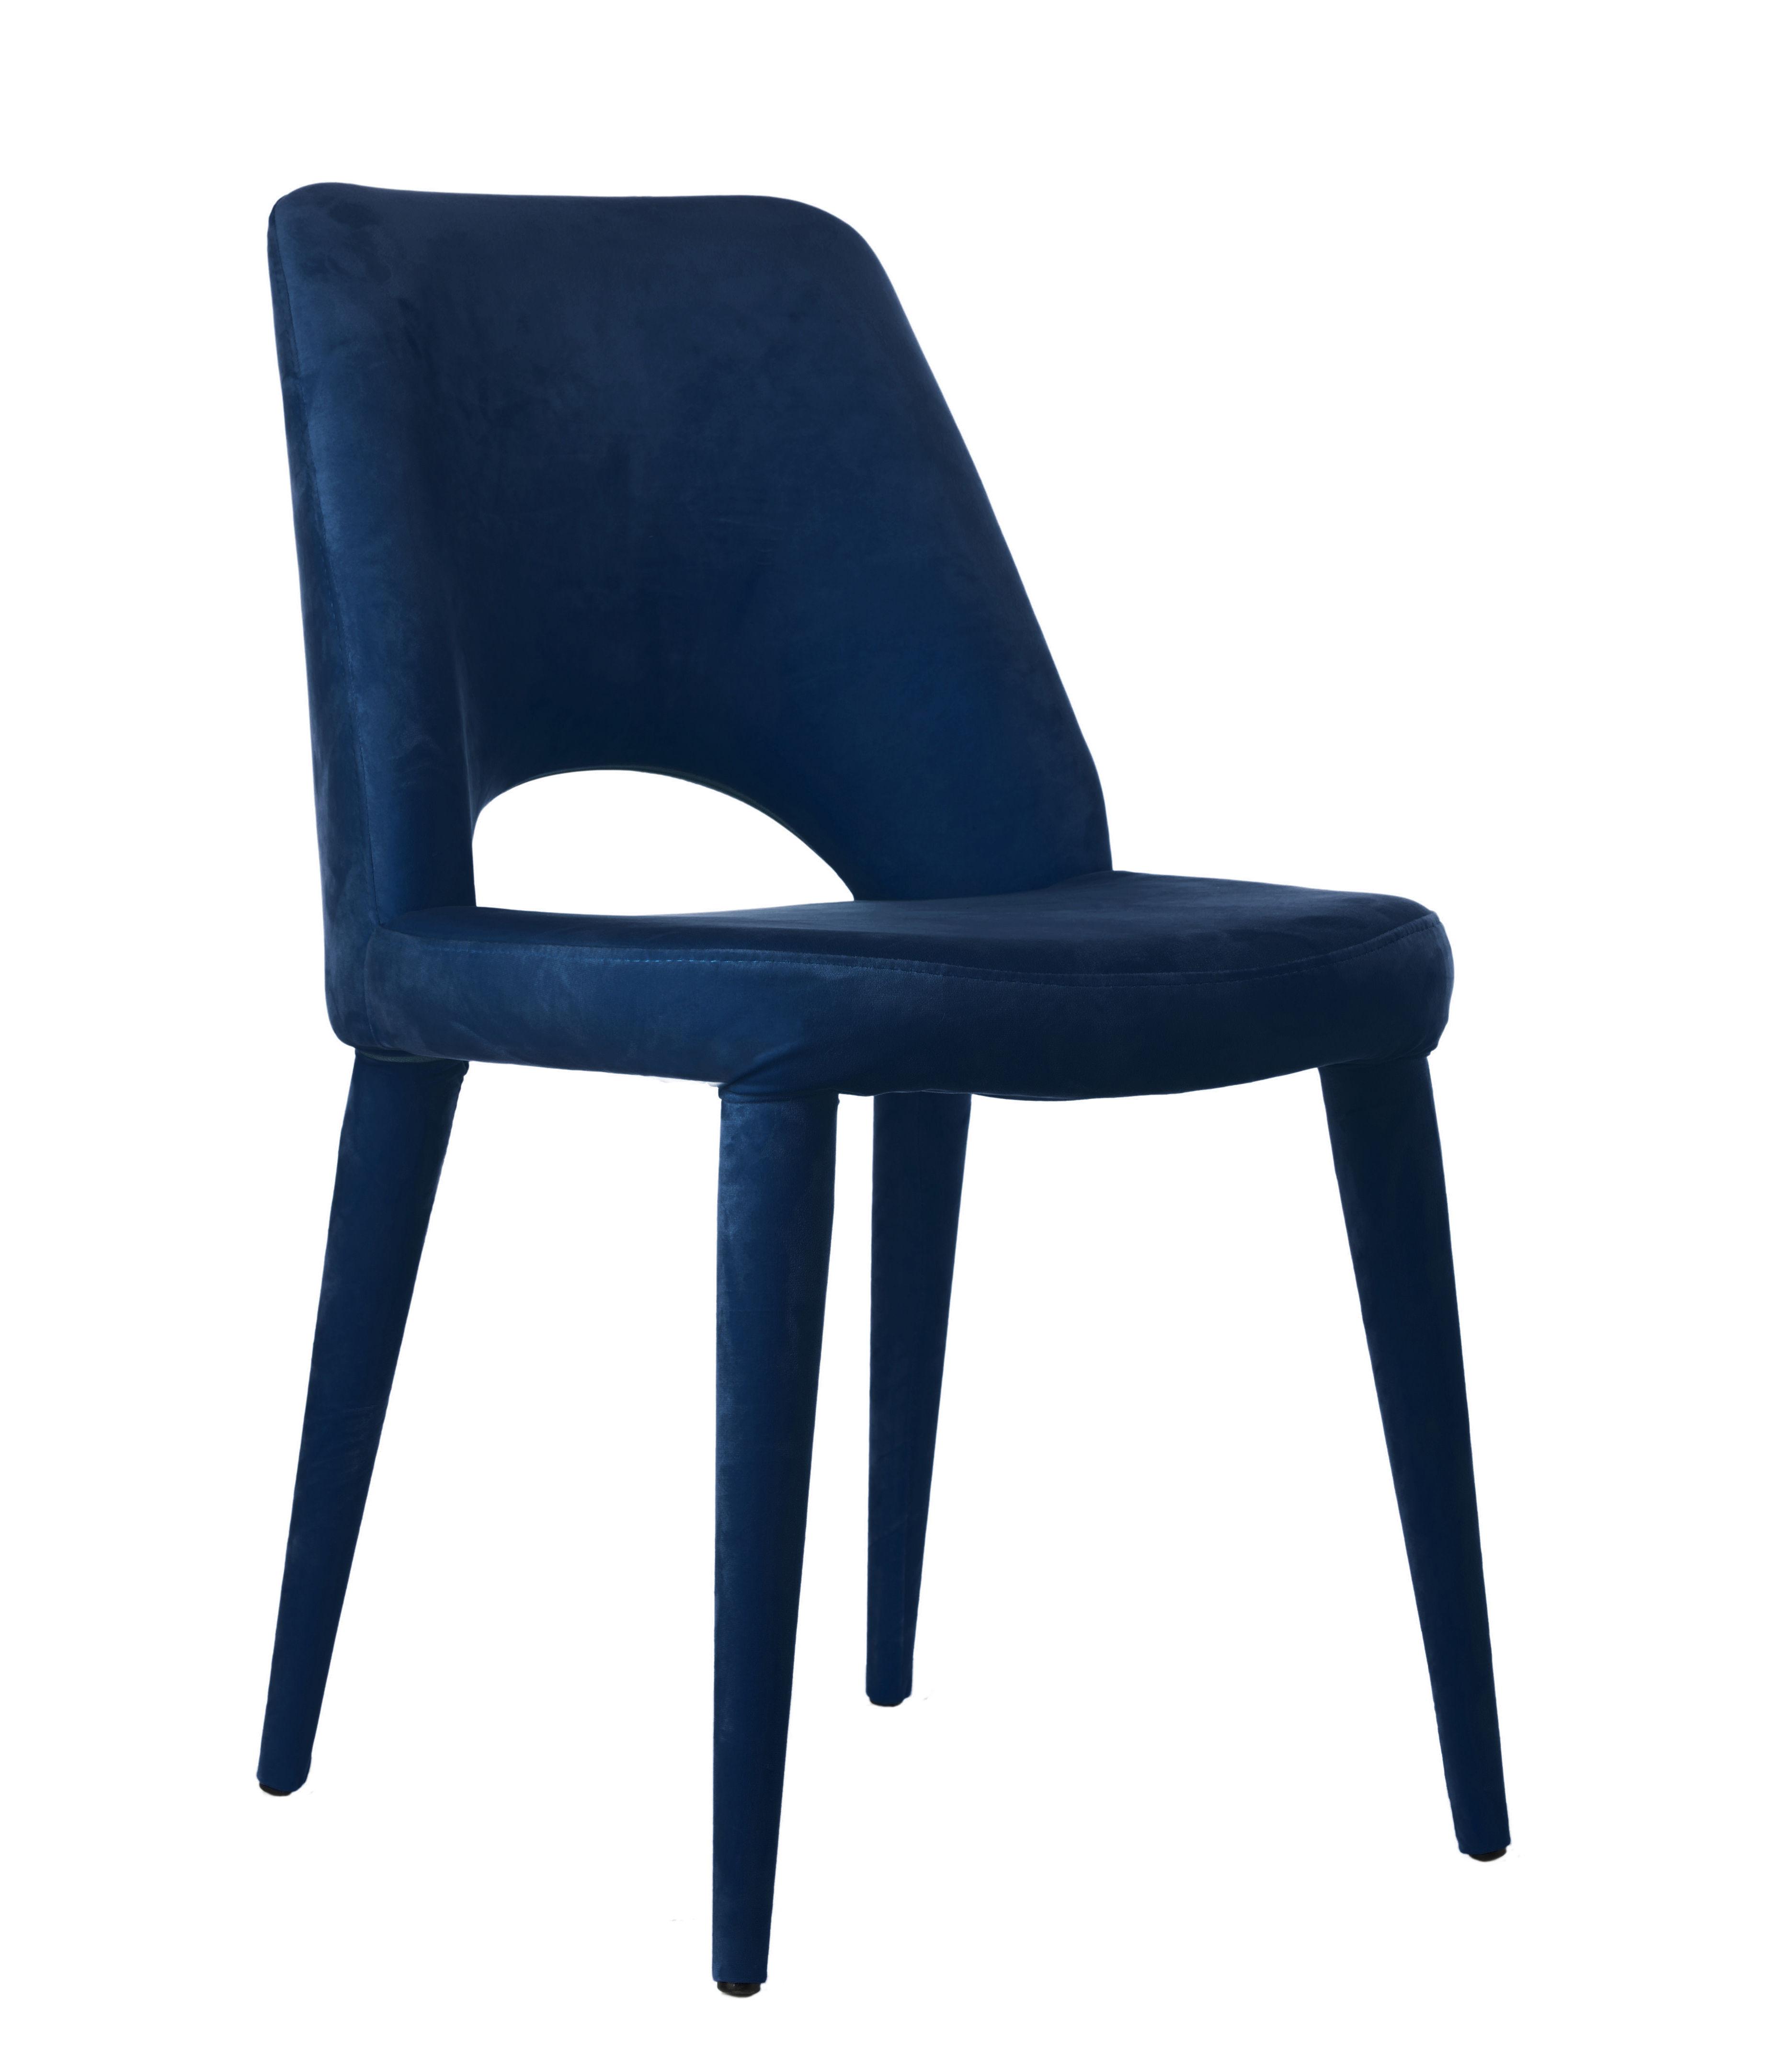 Mobilier - Chaises, fauteuils de salle à manger - Chaise rembourrée Holy / Velours - Pols Potten - Bleu nuit - Mousse, Velours